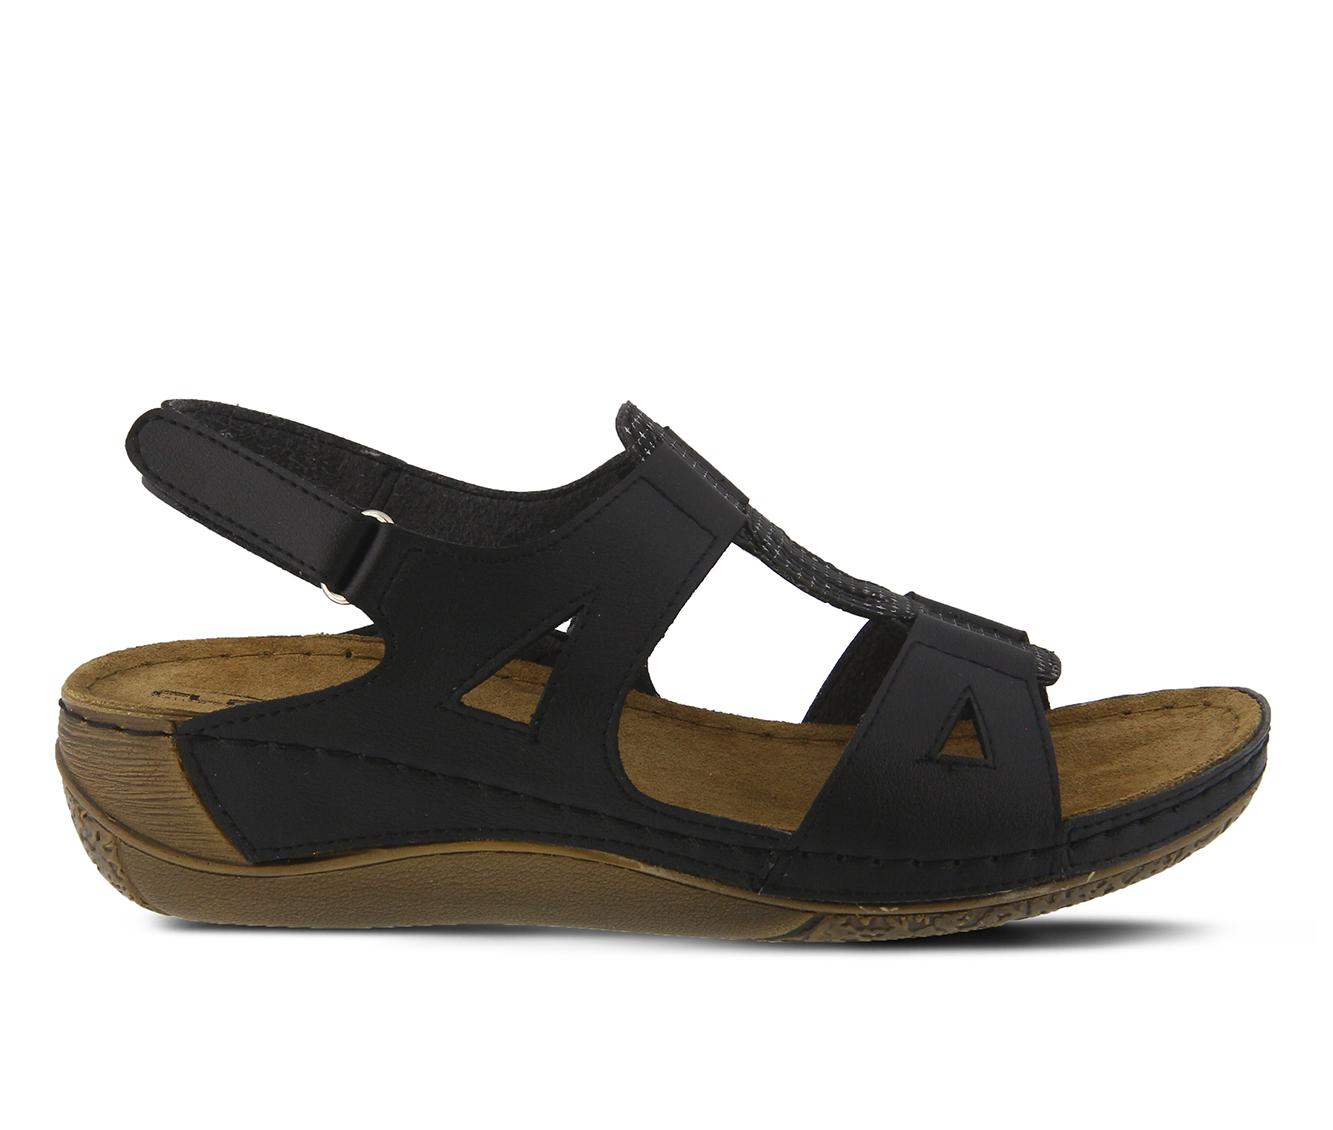 Flexus Naxos Women's Sandal (Black Faux Leather)